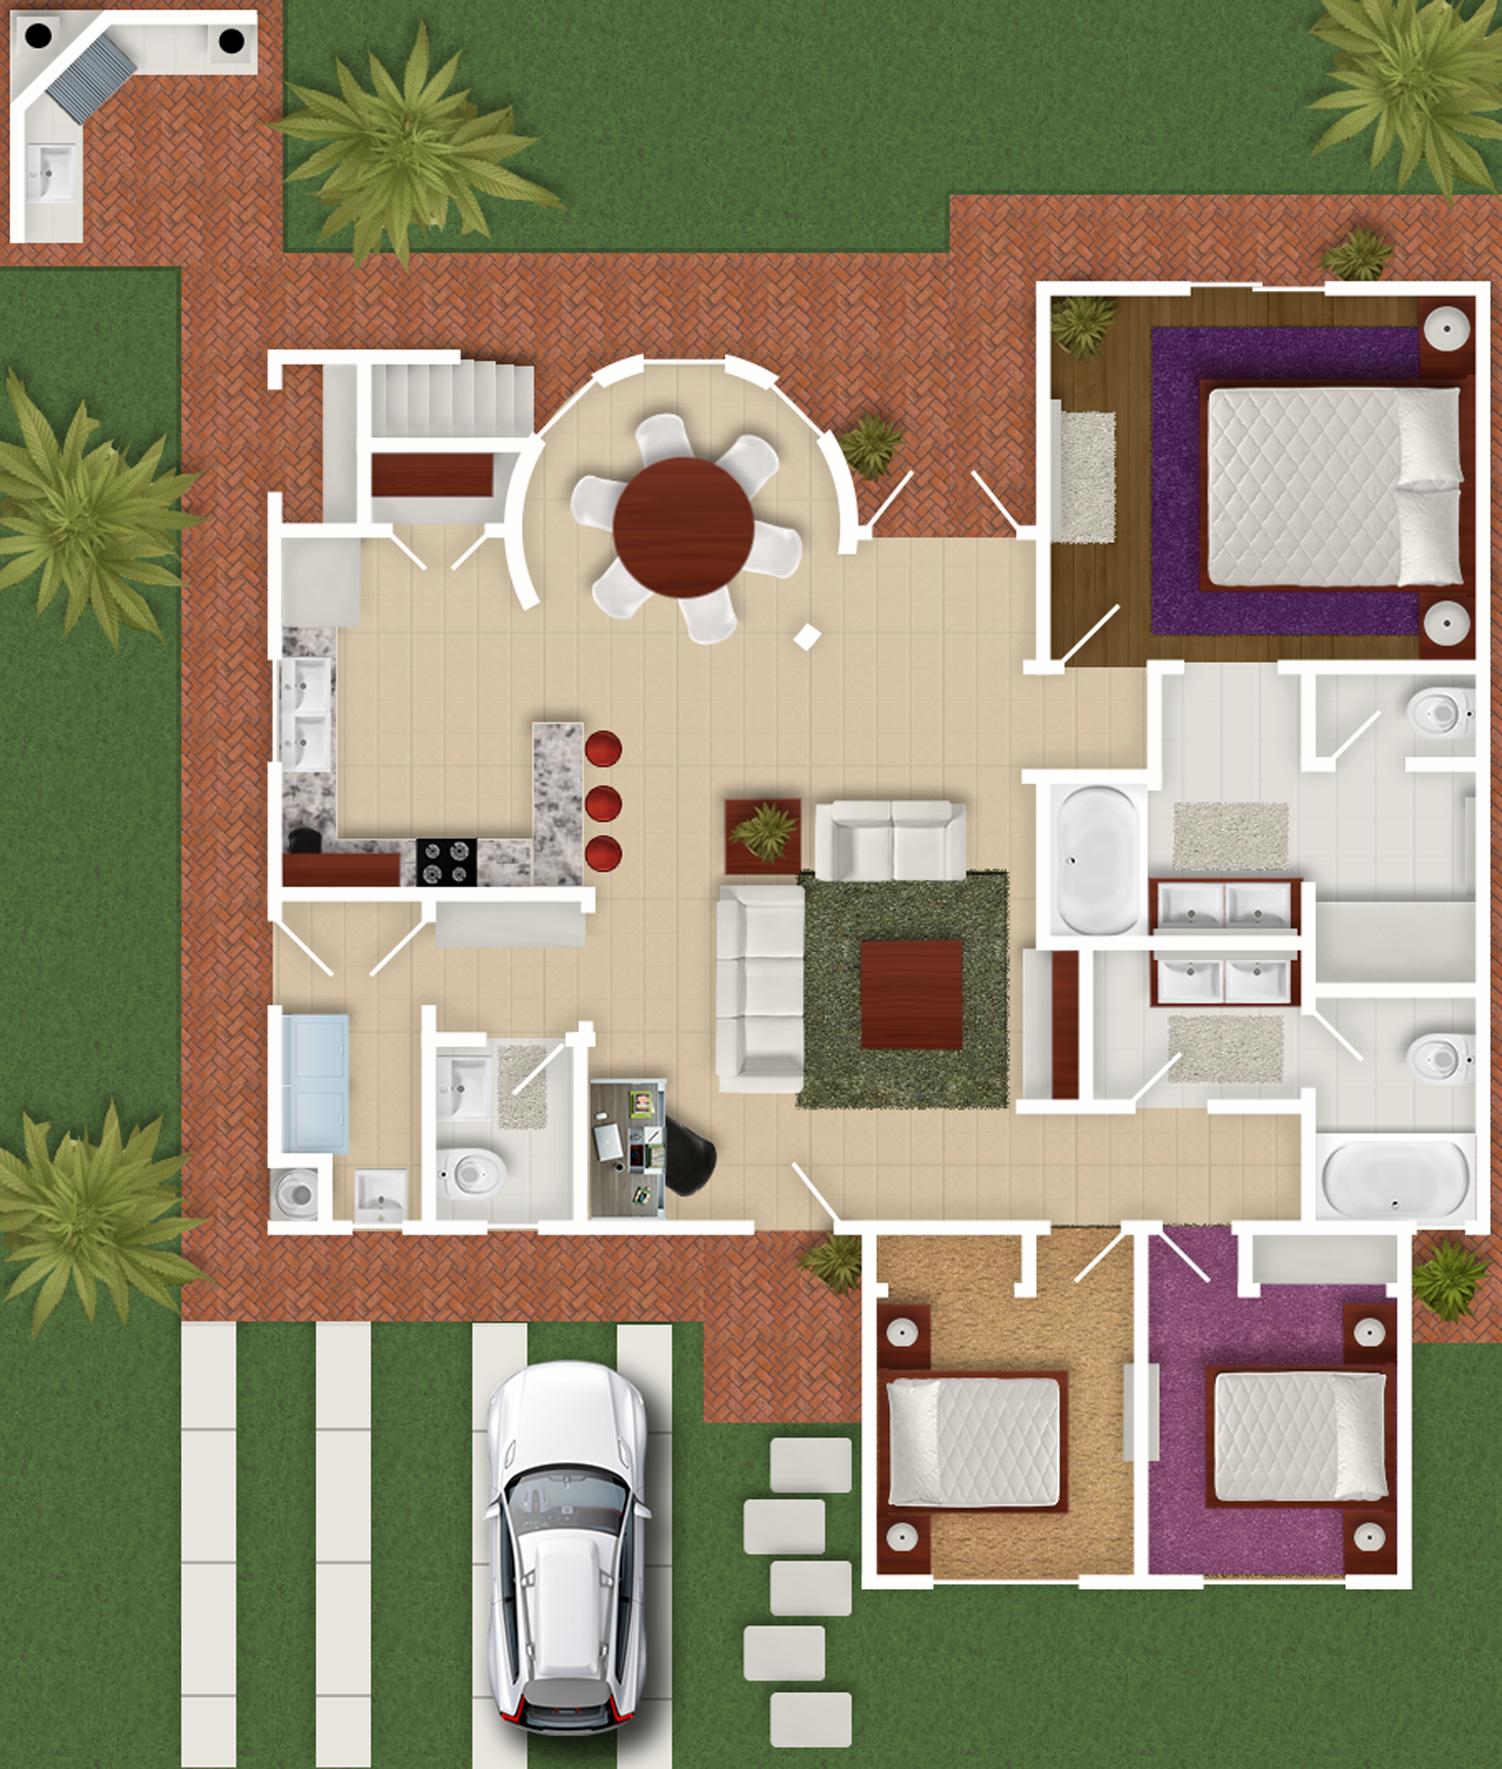 Planos de nuestras casas en venta en rosarito cielo for Planos de construccion de casas pequenas